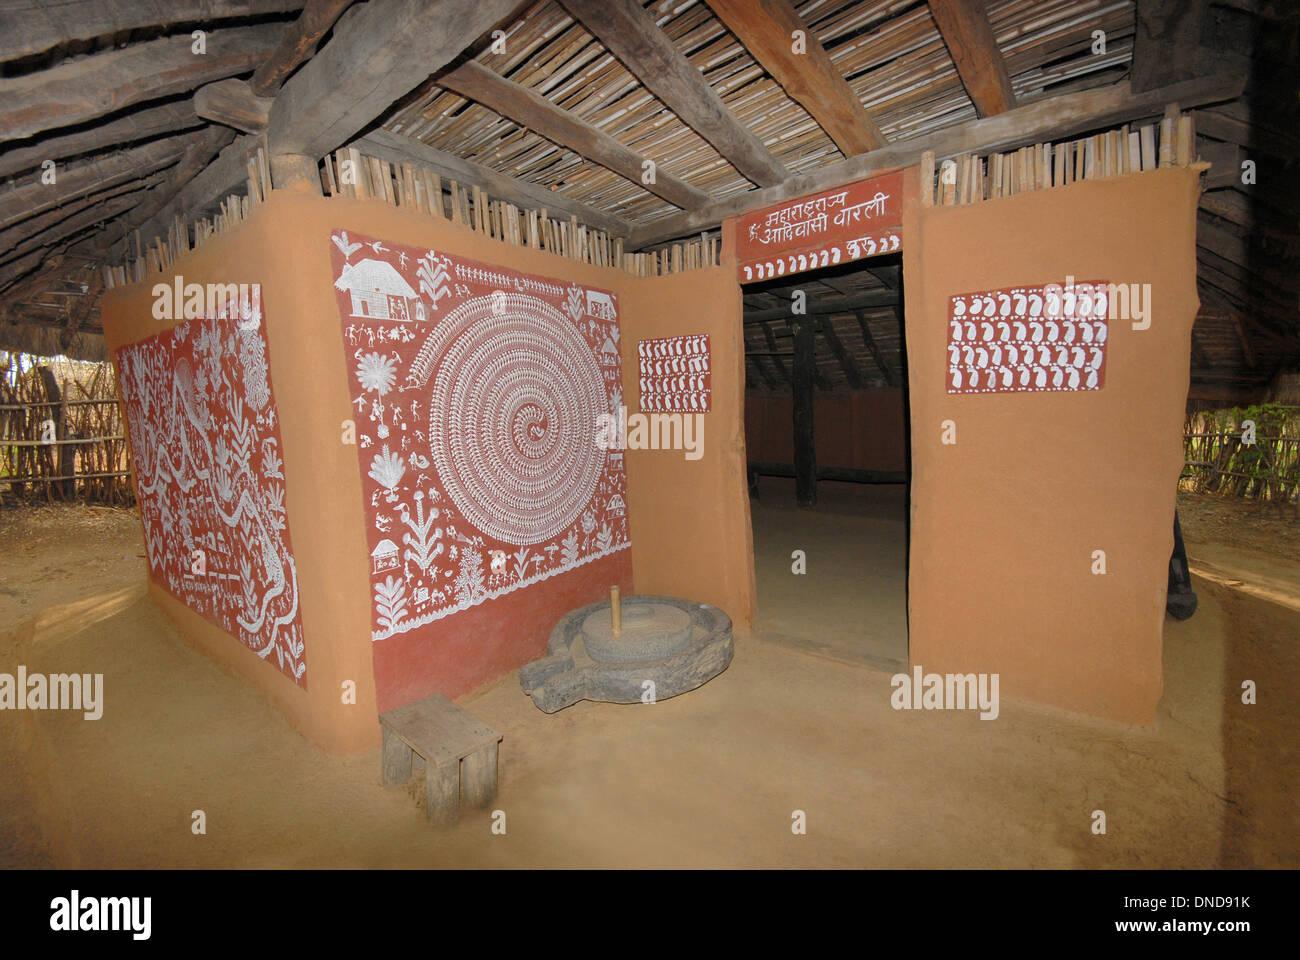 Tribal hut warli tribe maharashtra manav sangrahalaya bhopal warli tribe maharashtra manav sangrahalaya bhopal madhya pradesh india thecheapjerseys Gallery